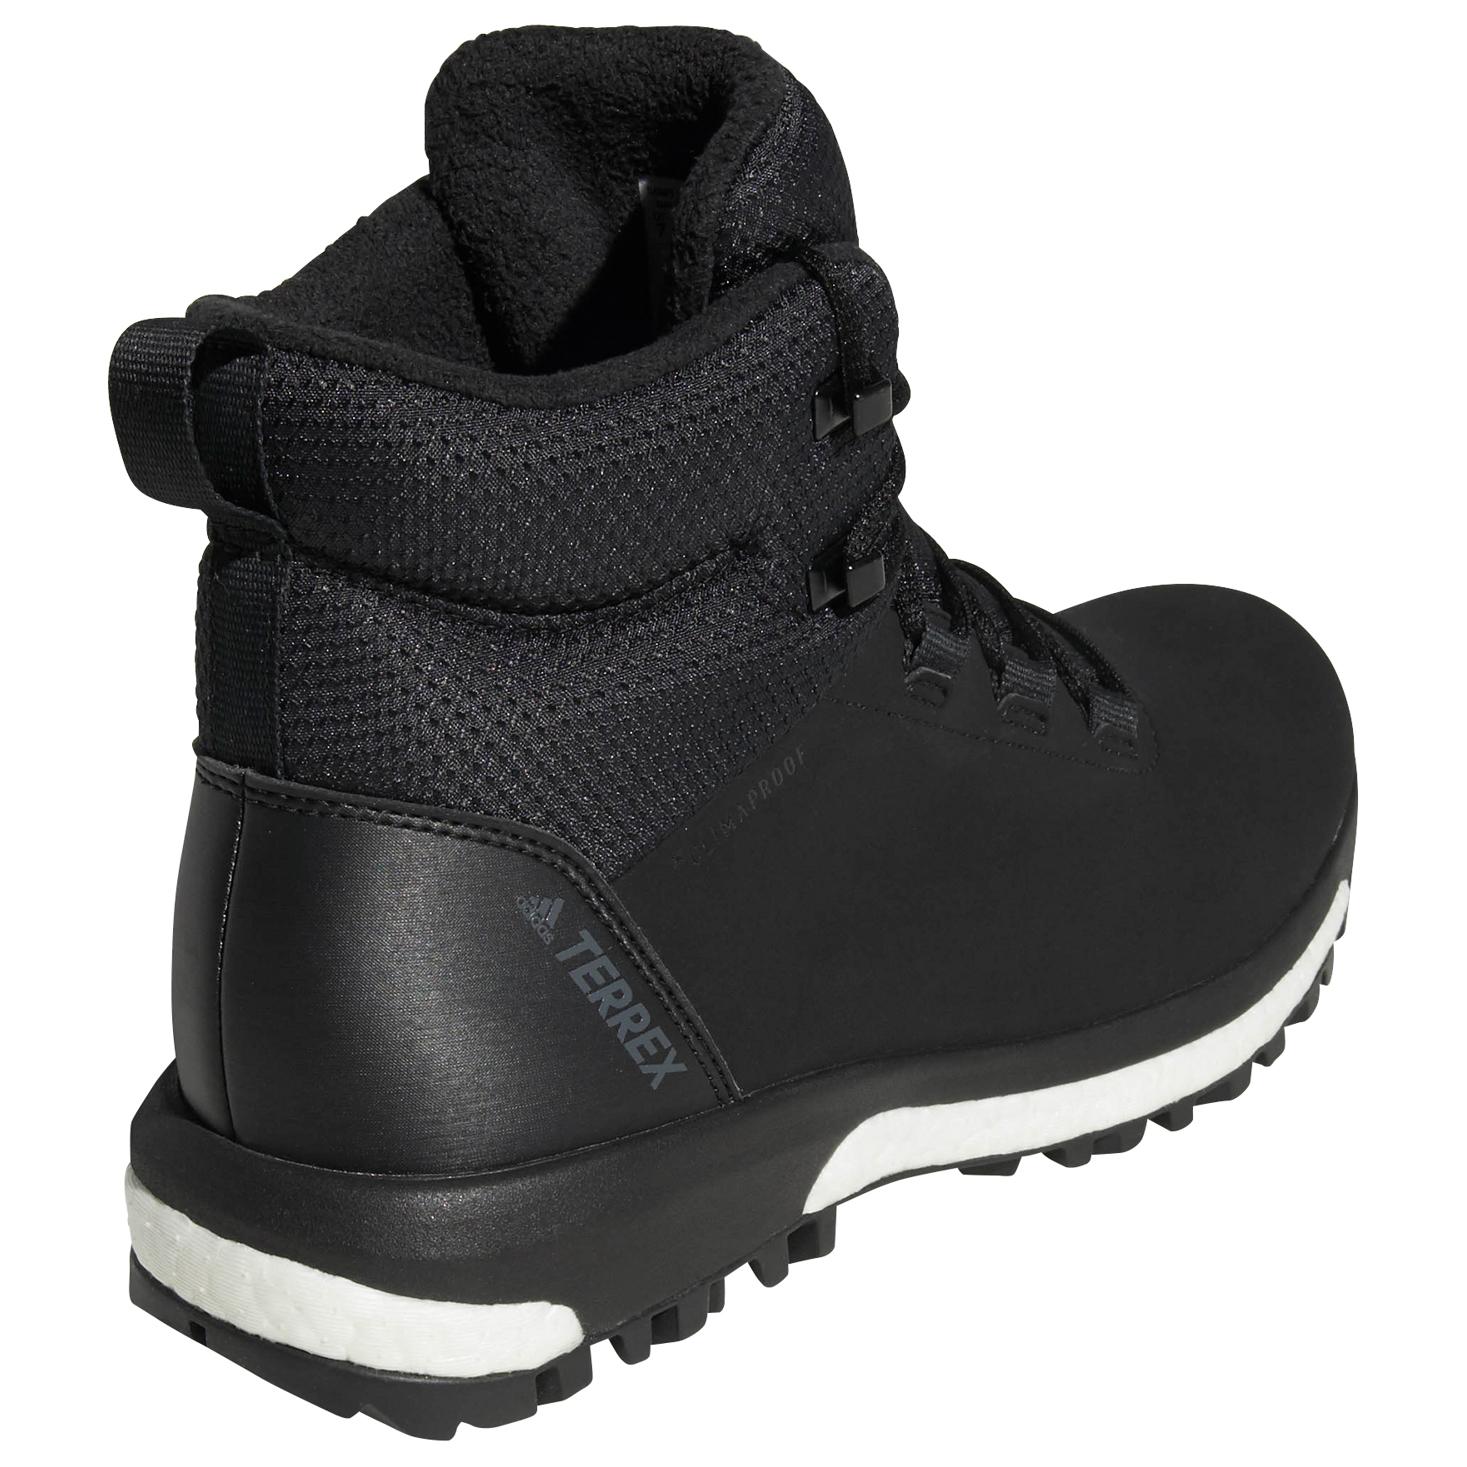 3c4e79a8996 adidas - Women's Terrex Pathmaker CP CW - Winter boots